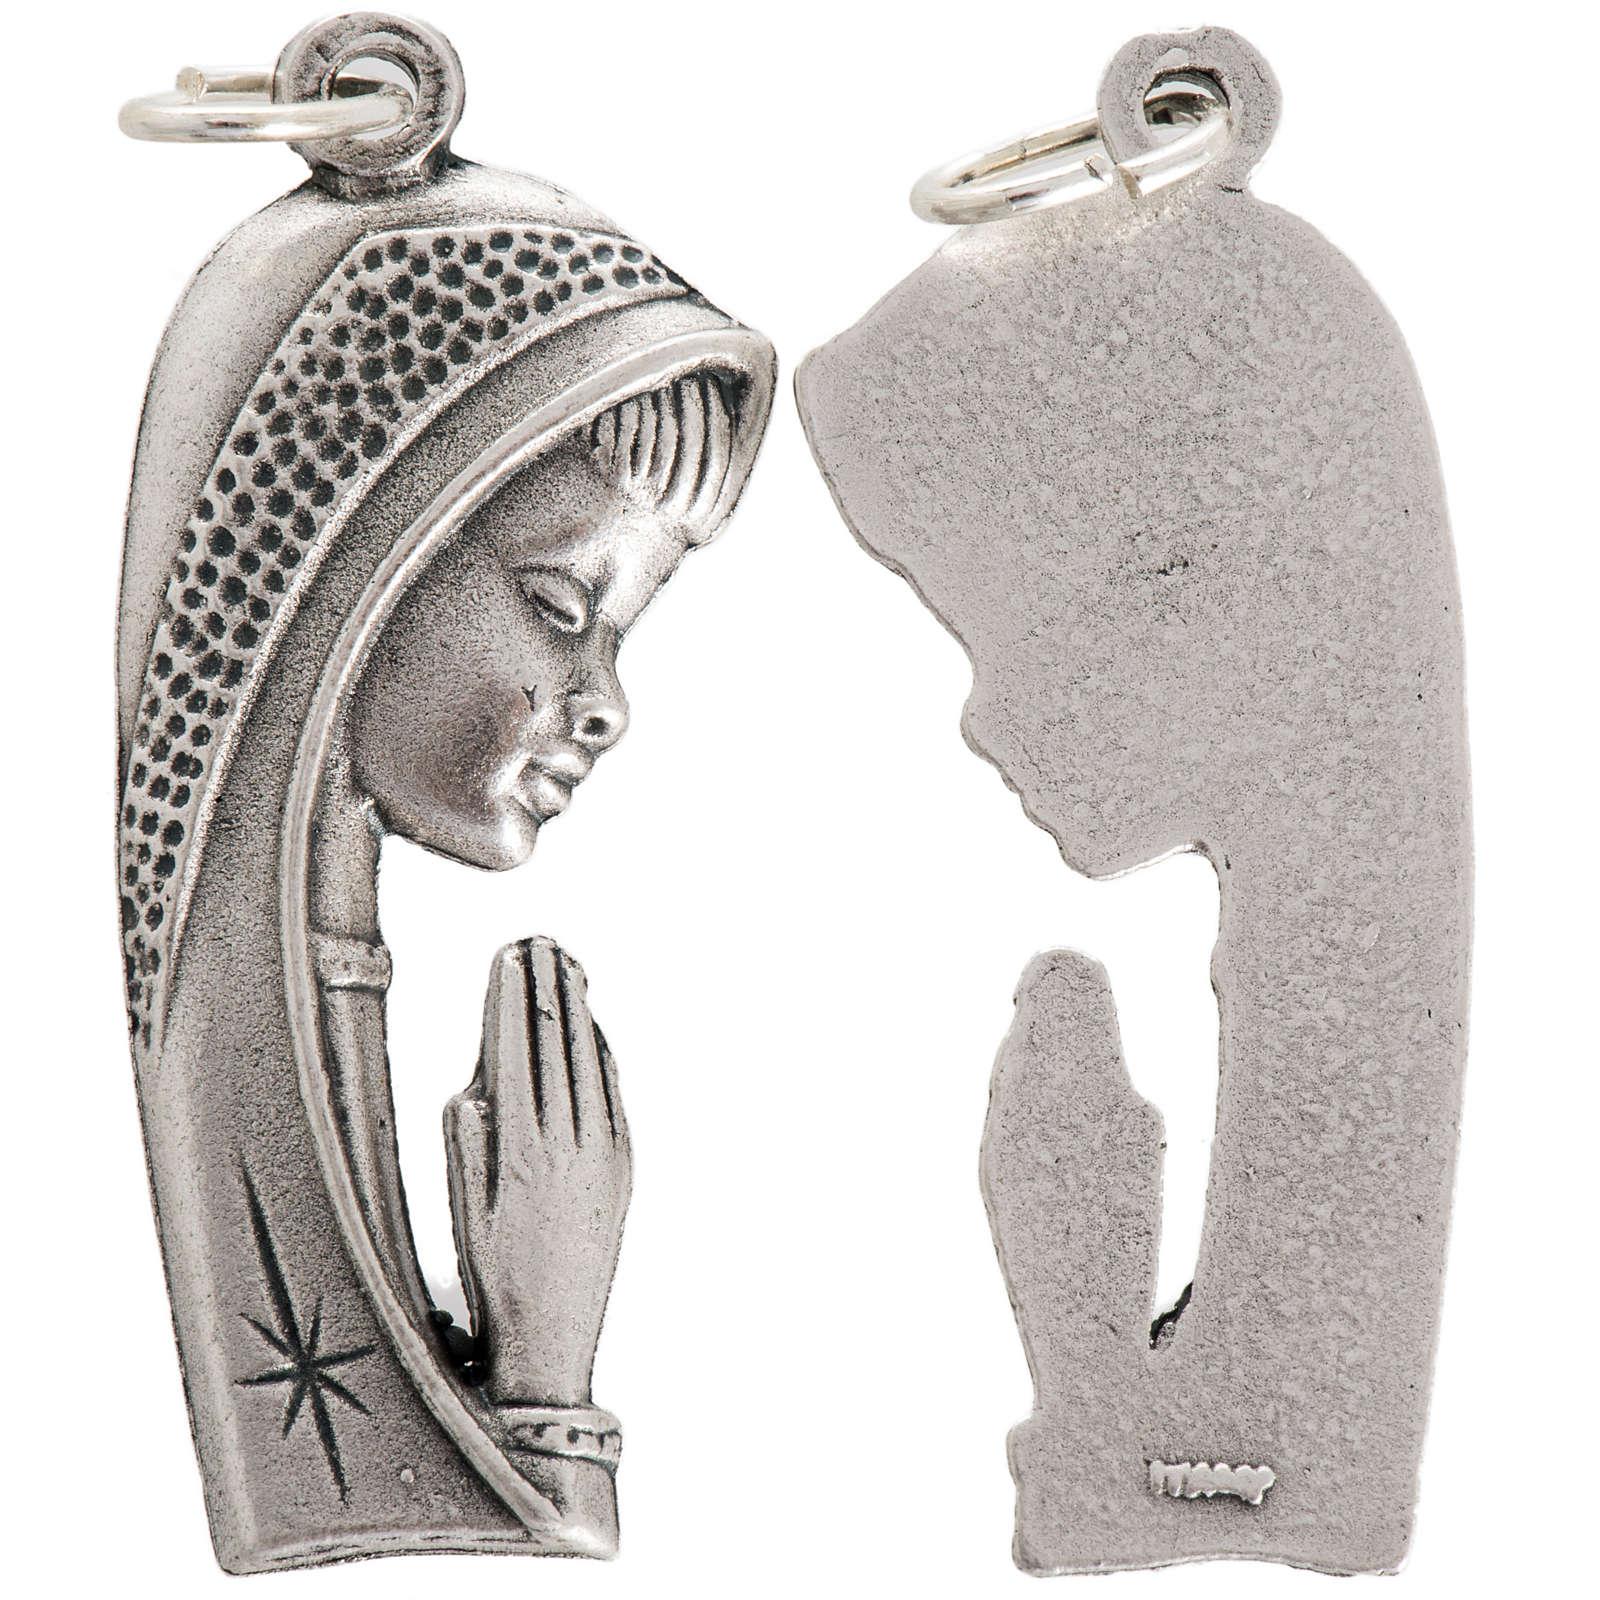 Médaille Notre Dame profil métal oxydé 40mm 4